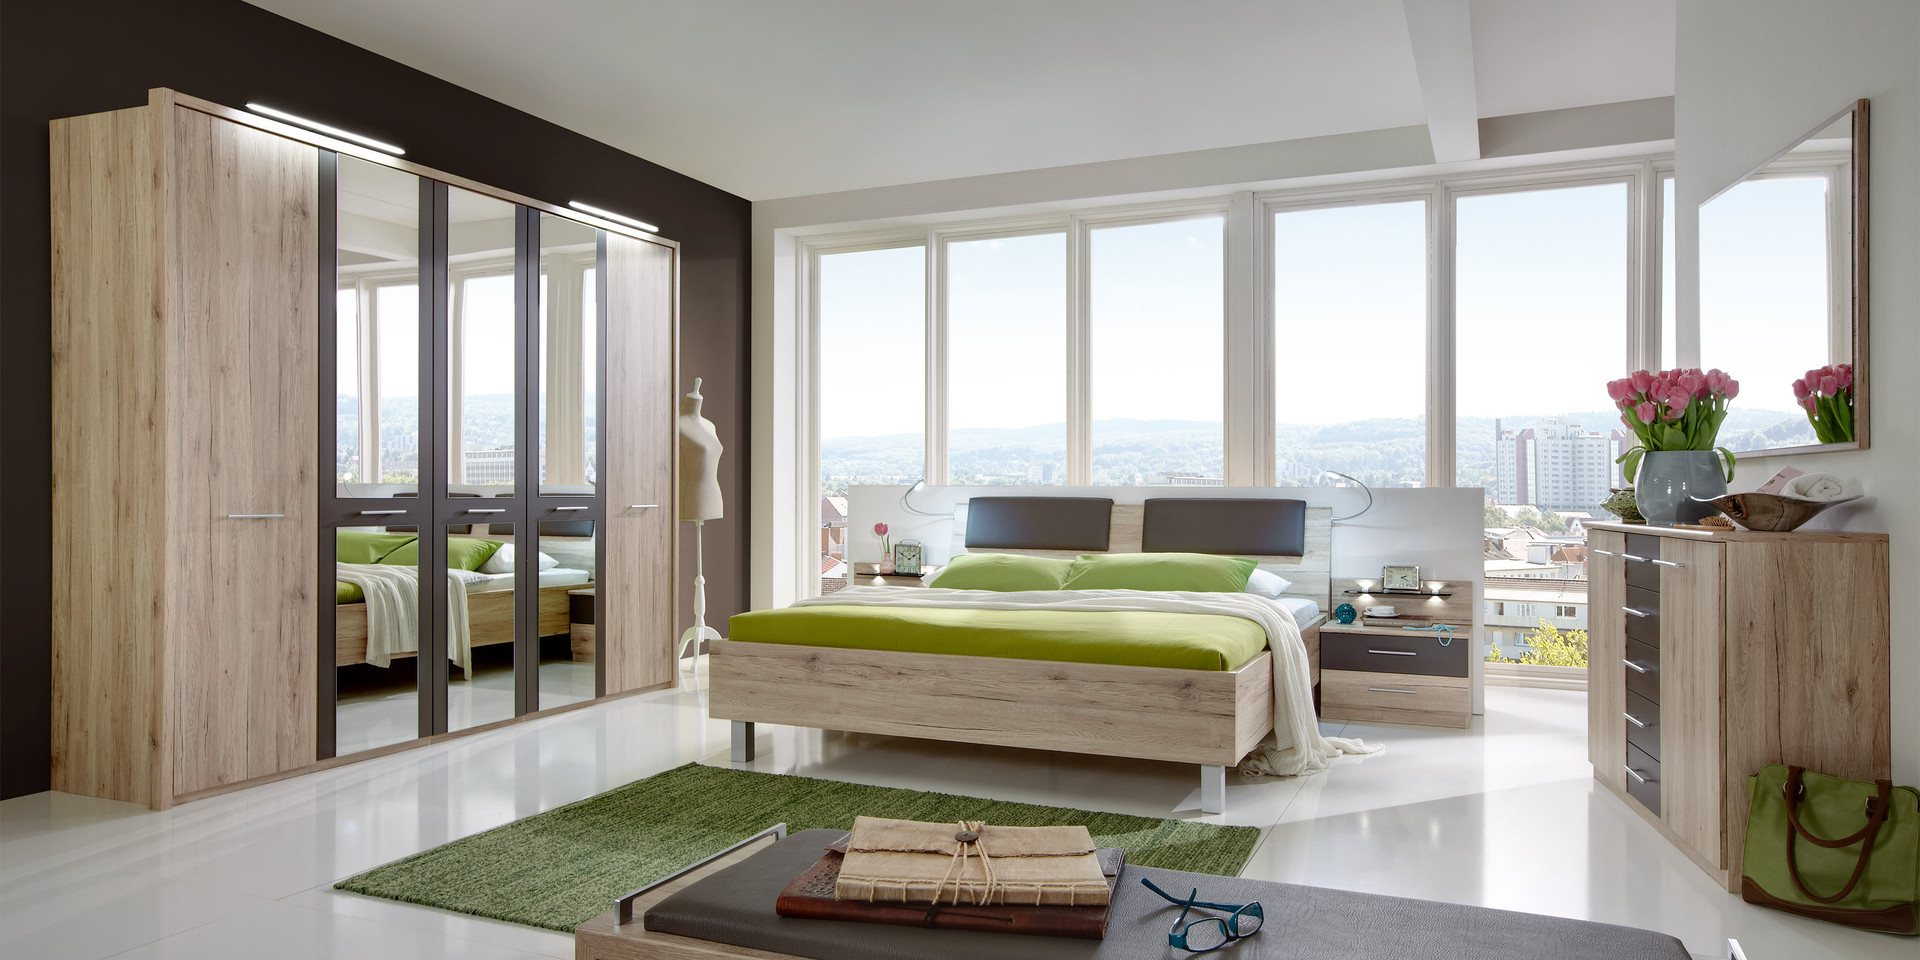 Erleben Sie Das Schlafzimmer Portland | Möbelhersteller Wiemann